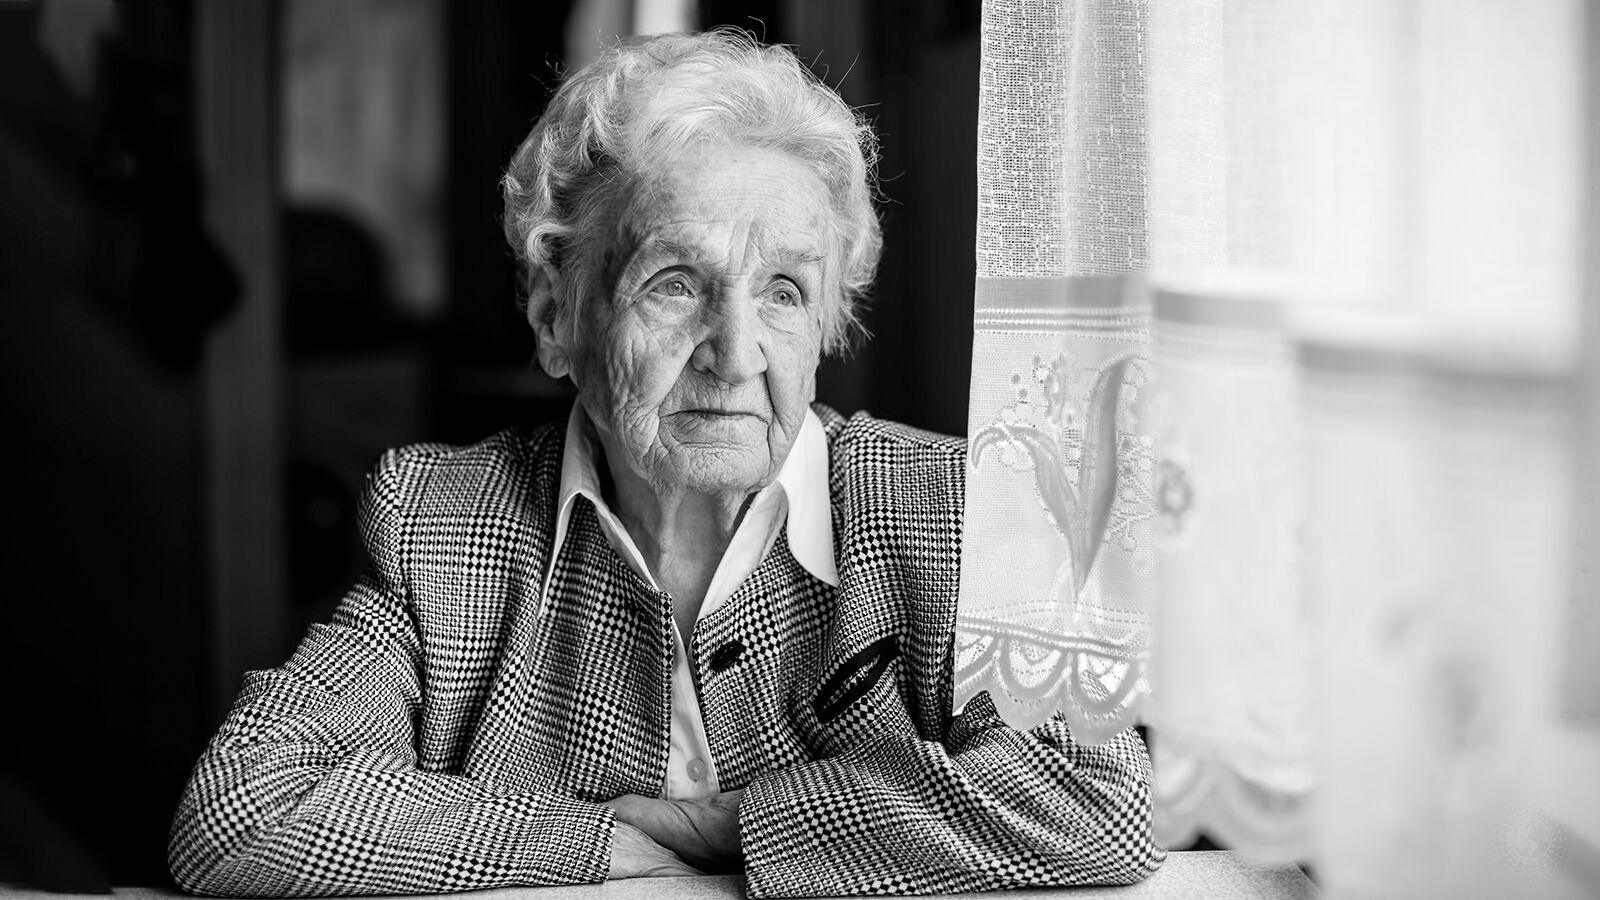 depression in senior citizens